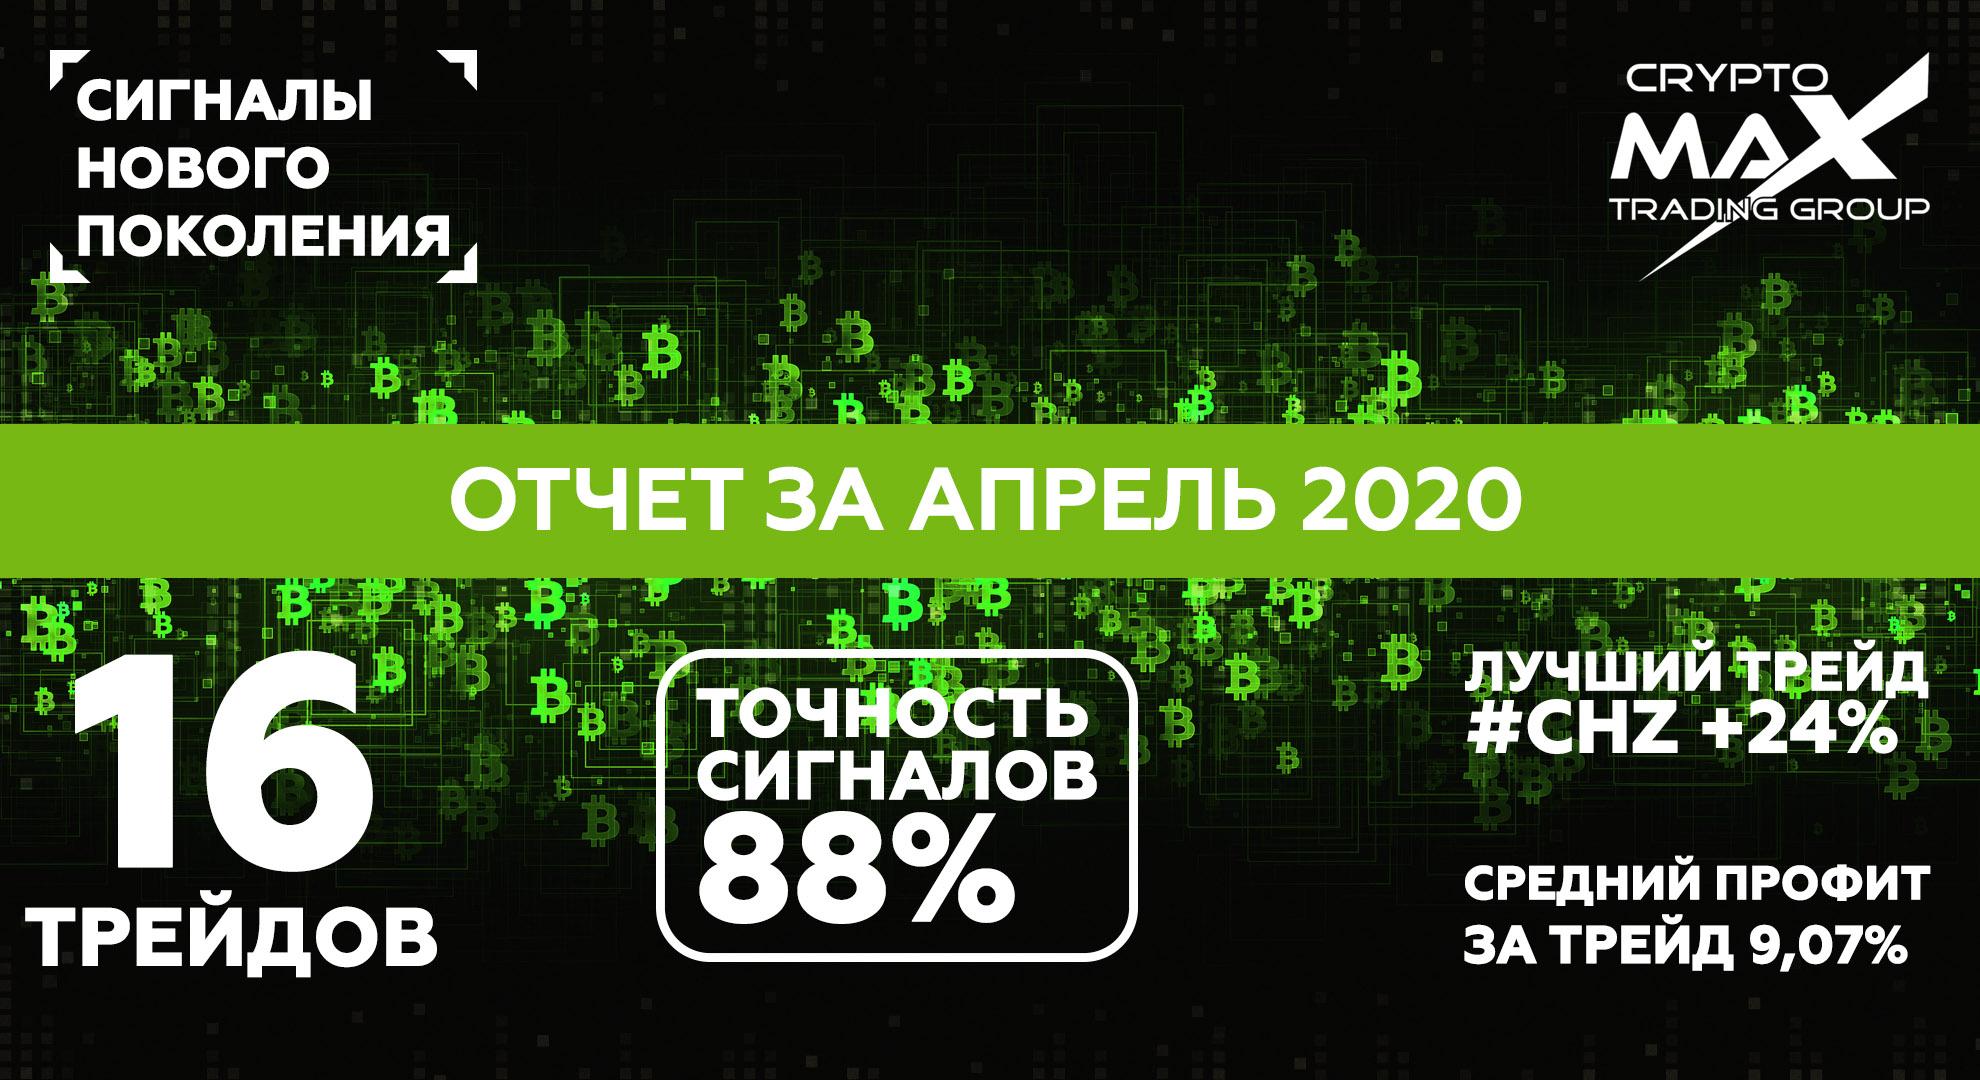 Отчет по сигналам CryptoMax за апрель 2020 для